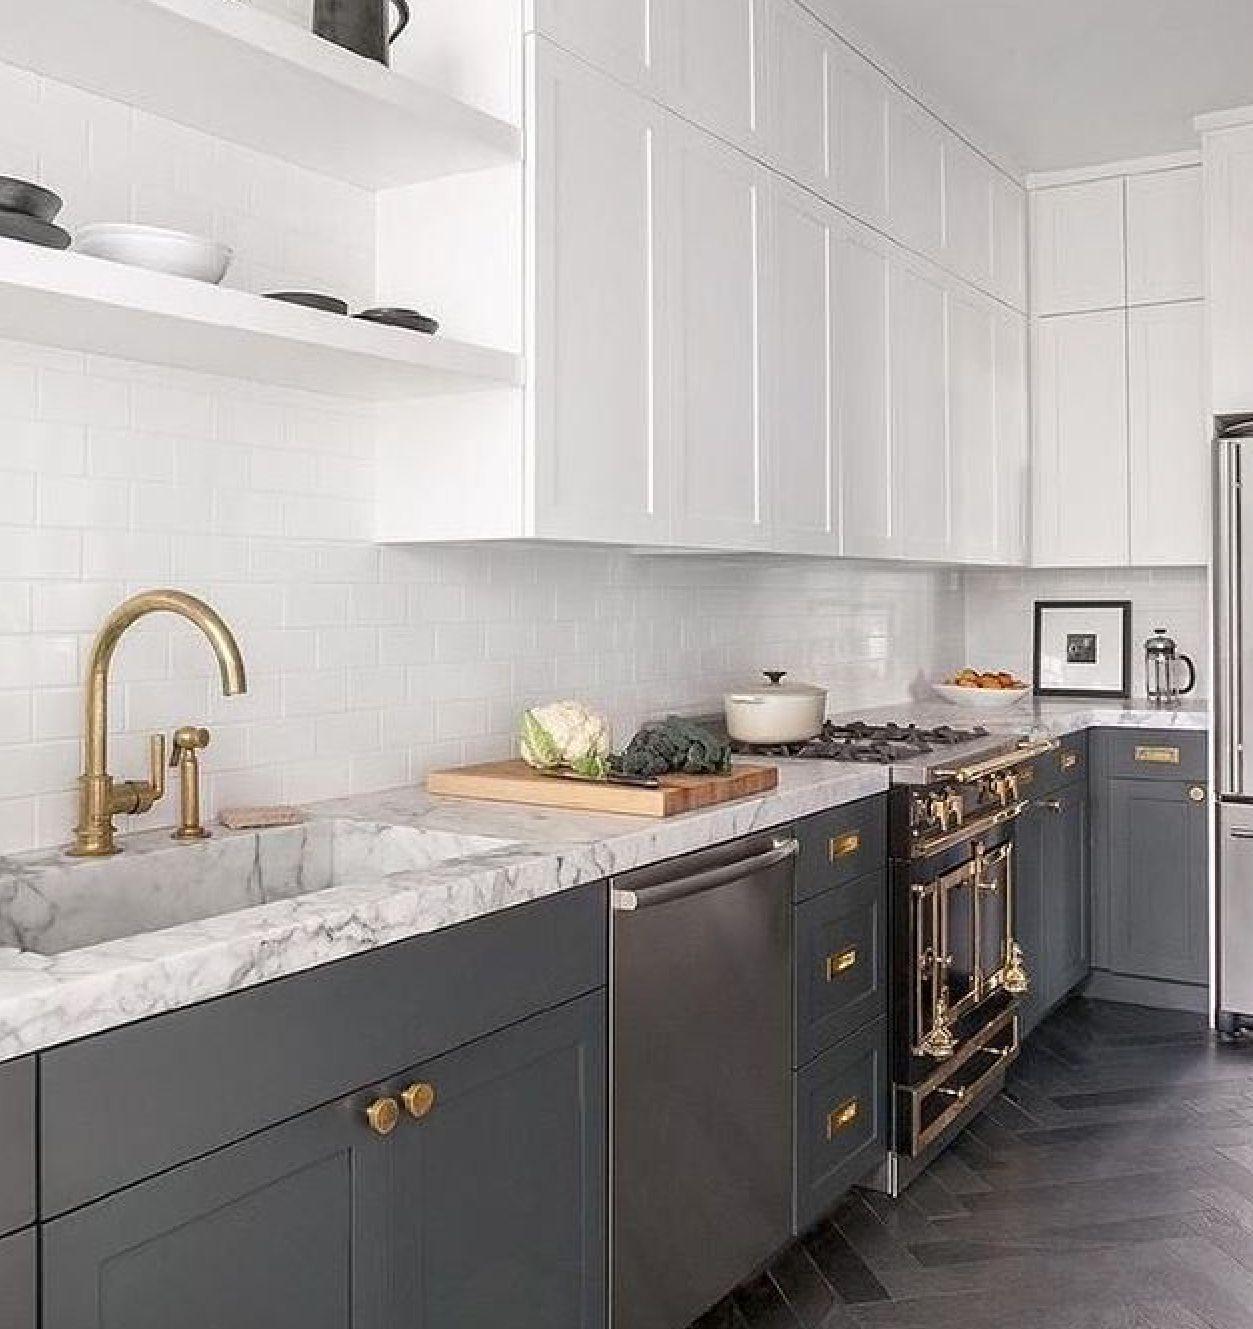 Innenarchitektur für küchenschrank pin von frara auf zukünftige projekte  pinterest  küchenmöbel